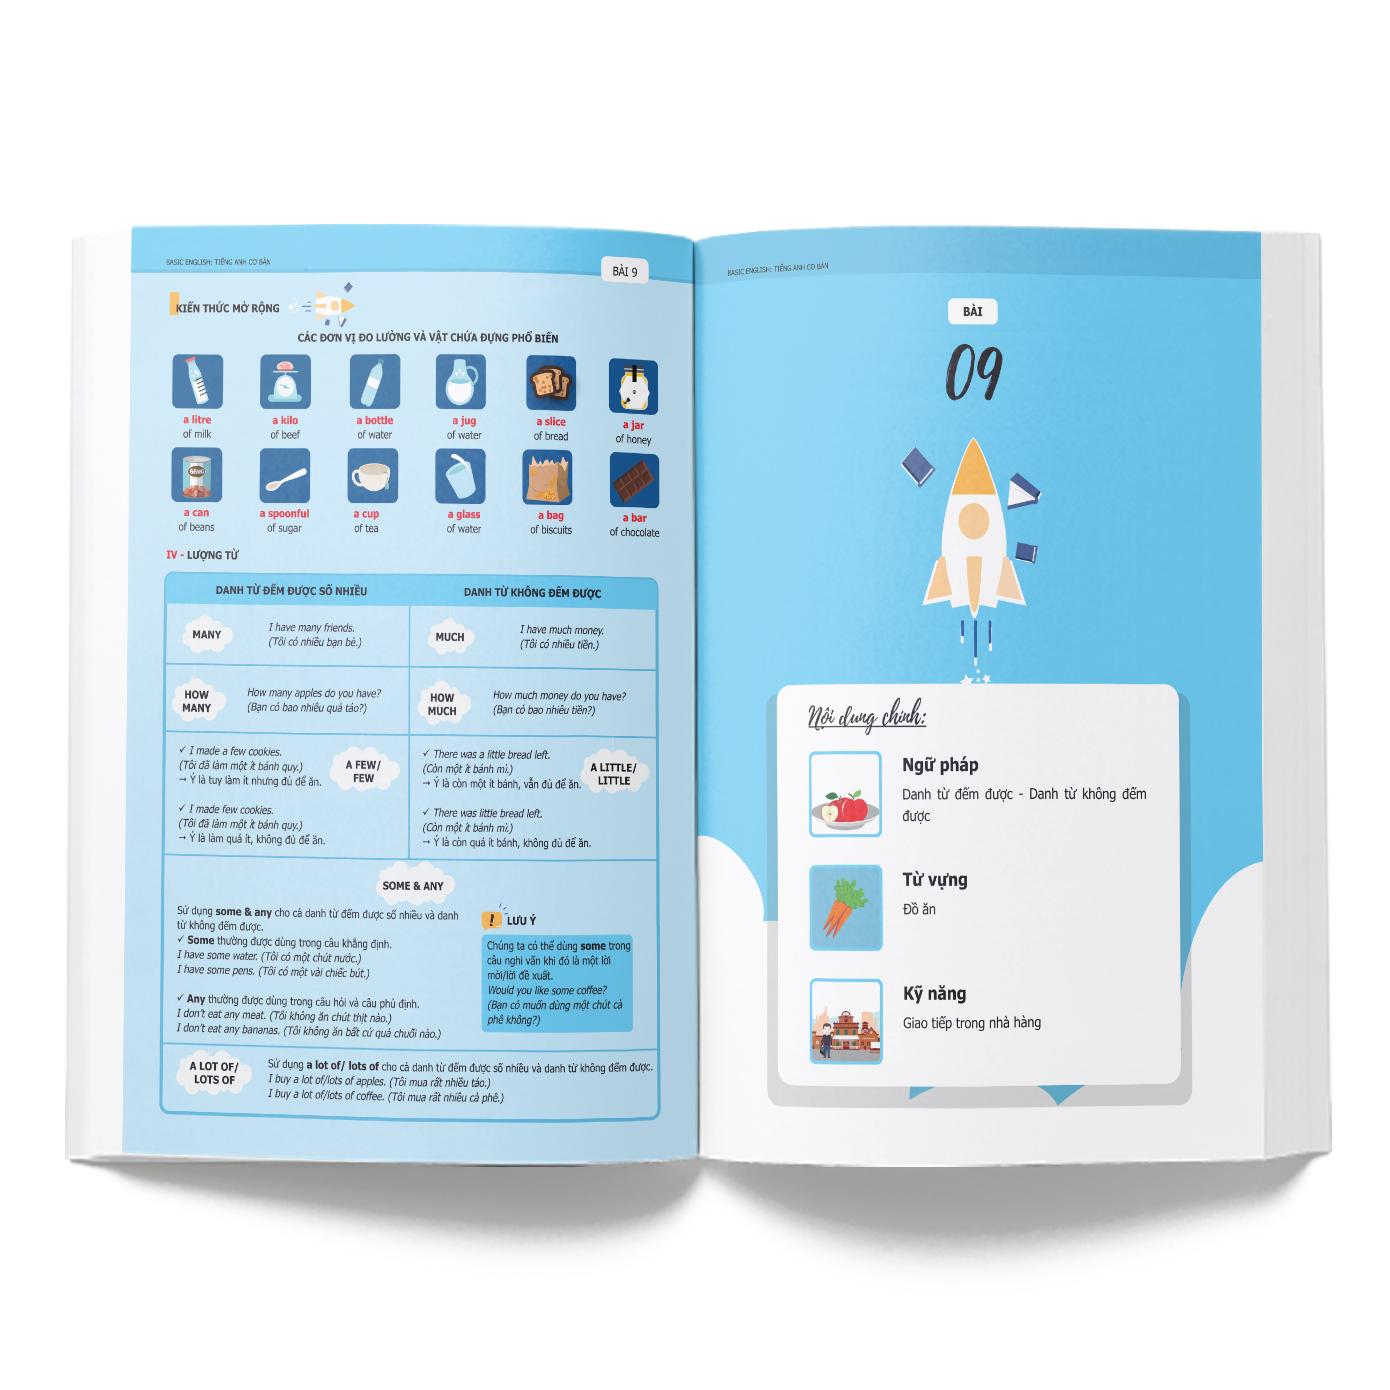 Tiếng Anh Cơ Bản ( Trọn Bộ 2 Tập ) Tặng Kèm CD và  Bookmark